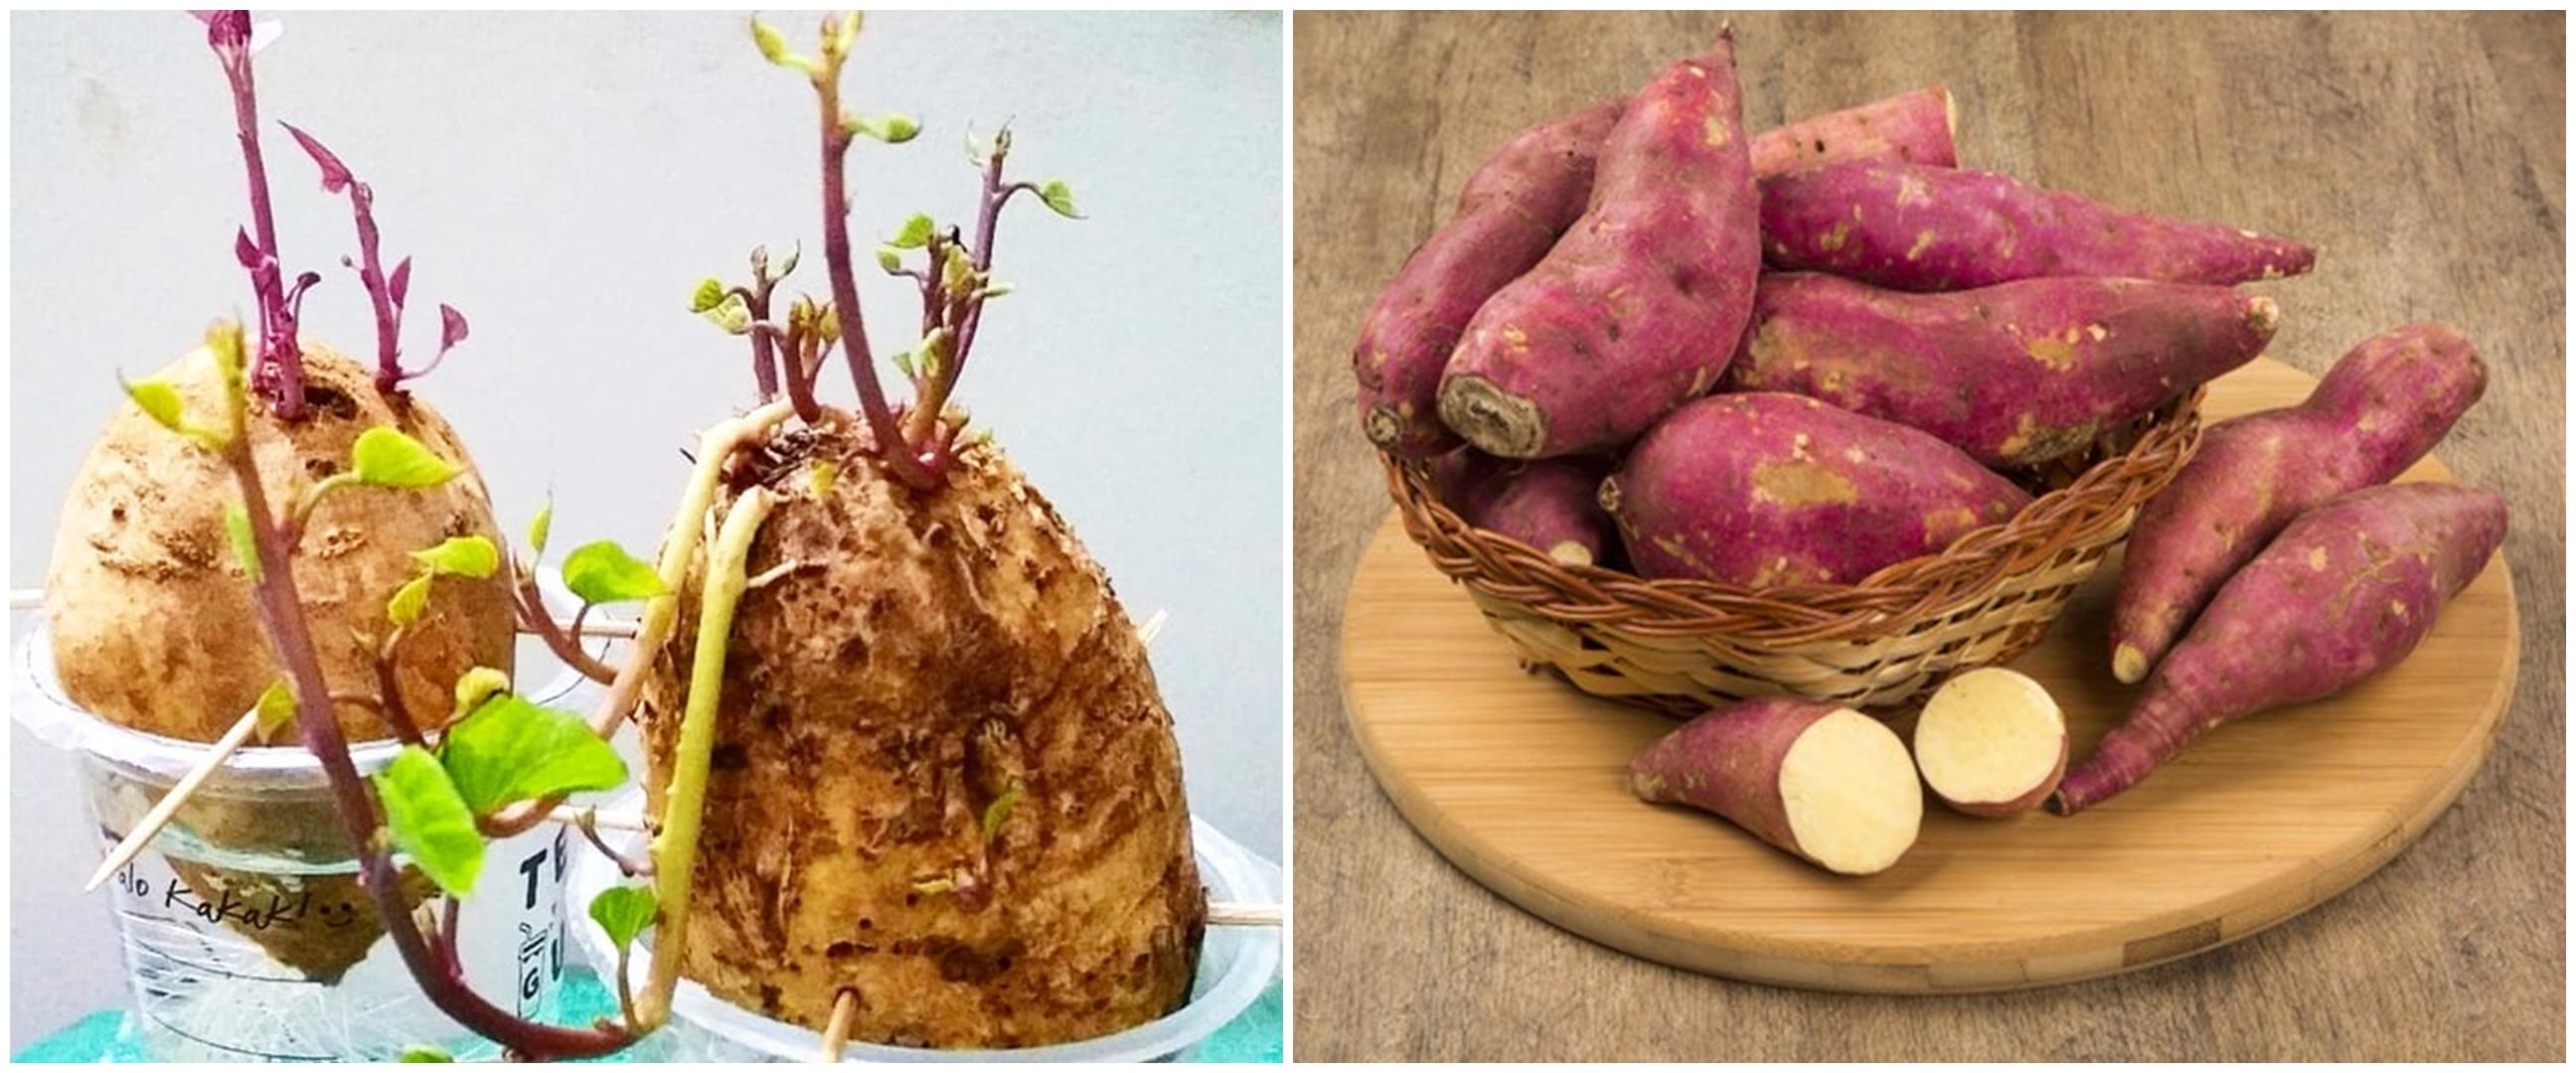 Cara menanam tanaman hidroponik ubi, mudah dan praktis